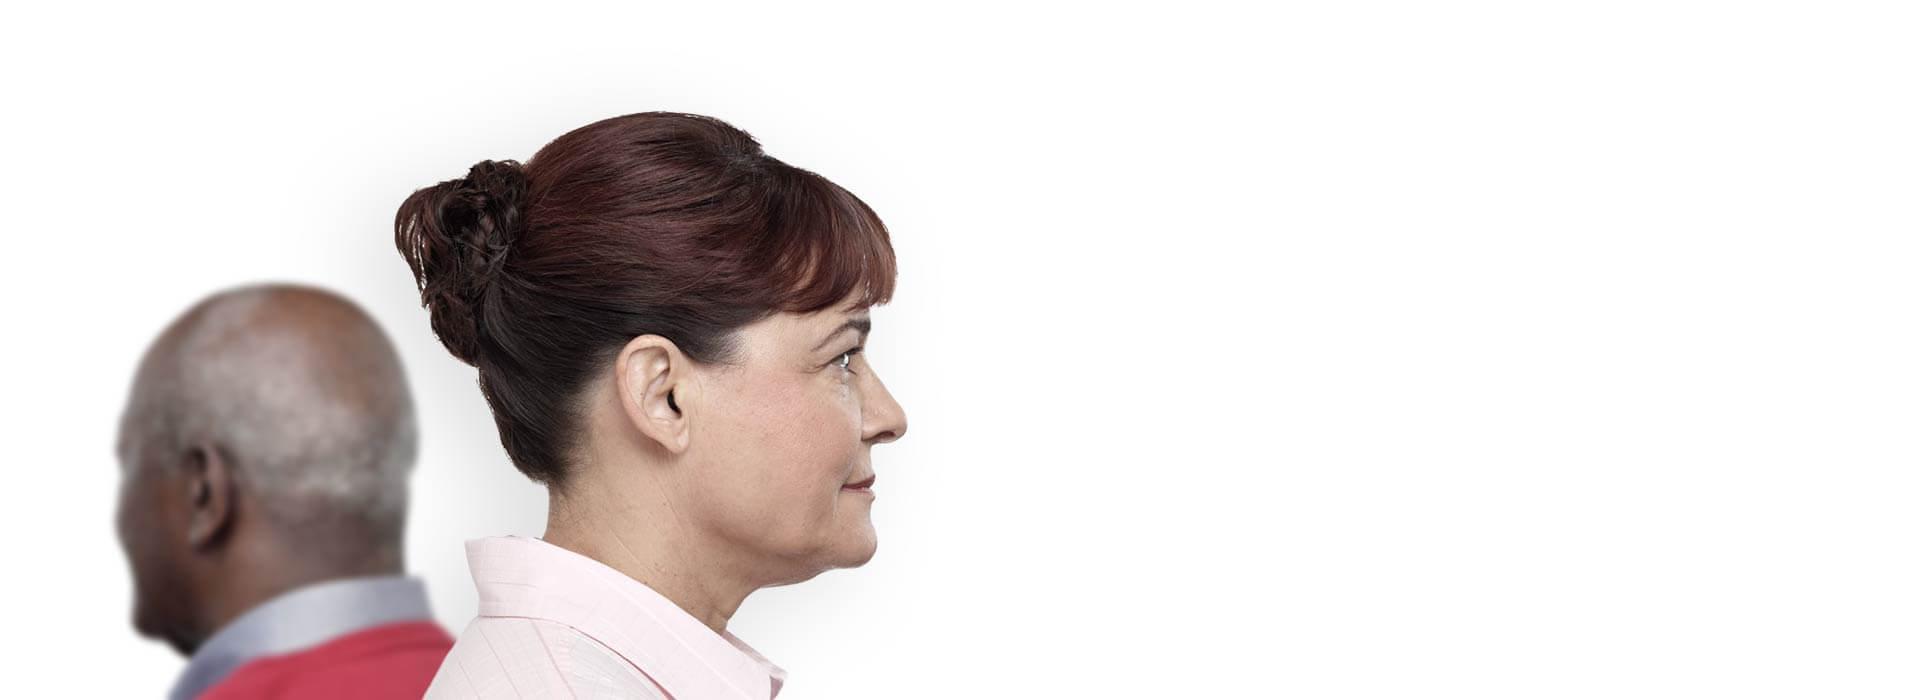 iic hearing aids